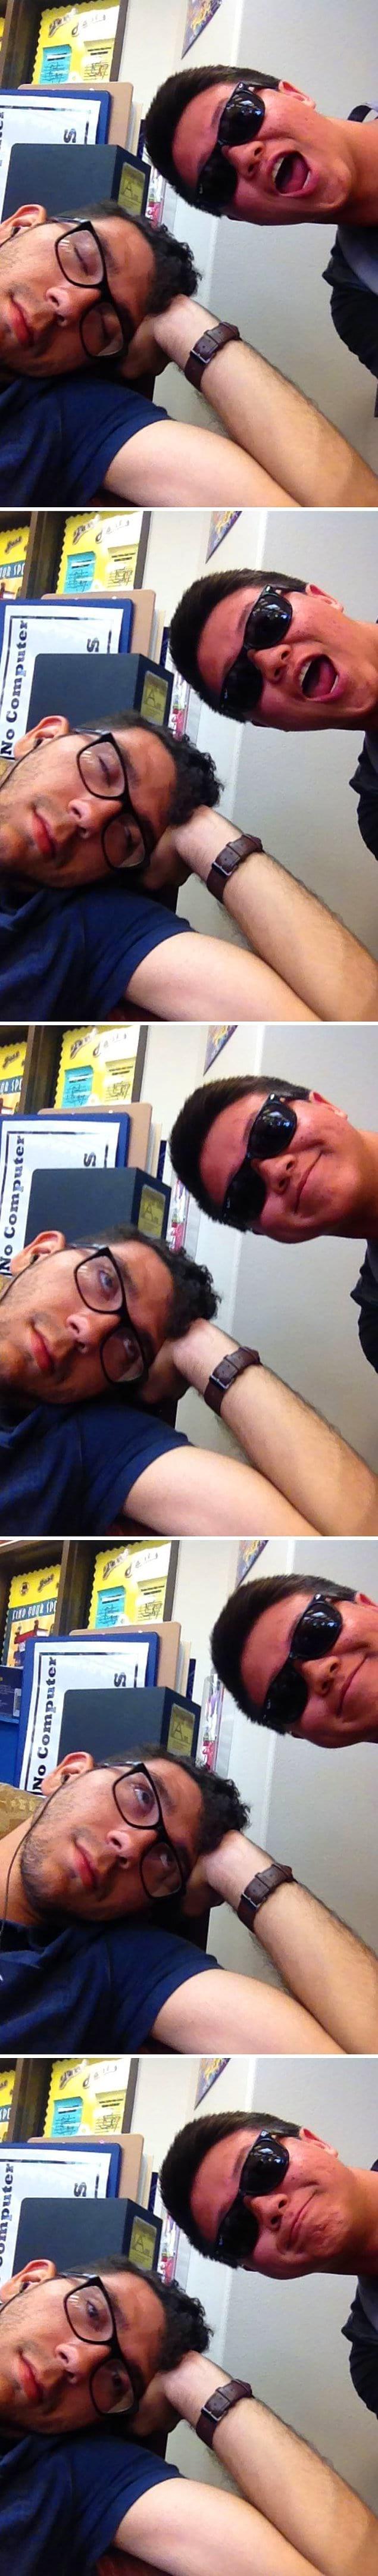 """""""Заснул в библиотеке. Этот парень взял мой телефон и решил сделать совместное селфи. Он успел сделать несколько снимков, пока я не проснулся"""""""